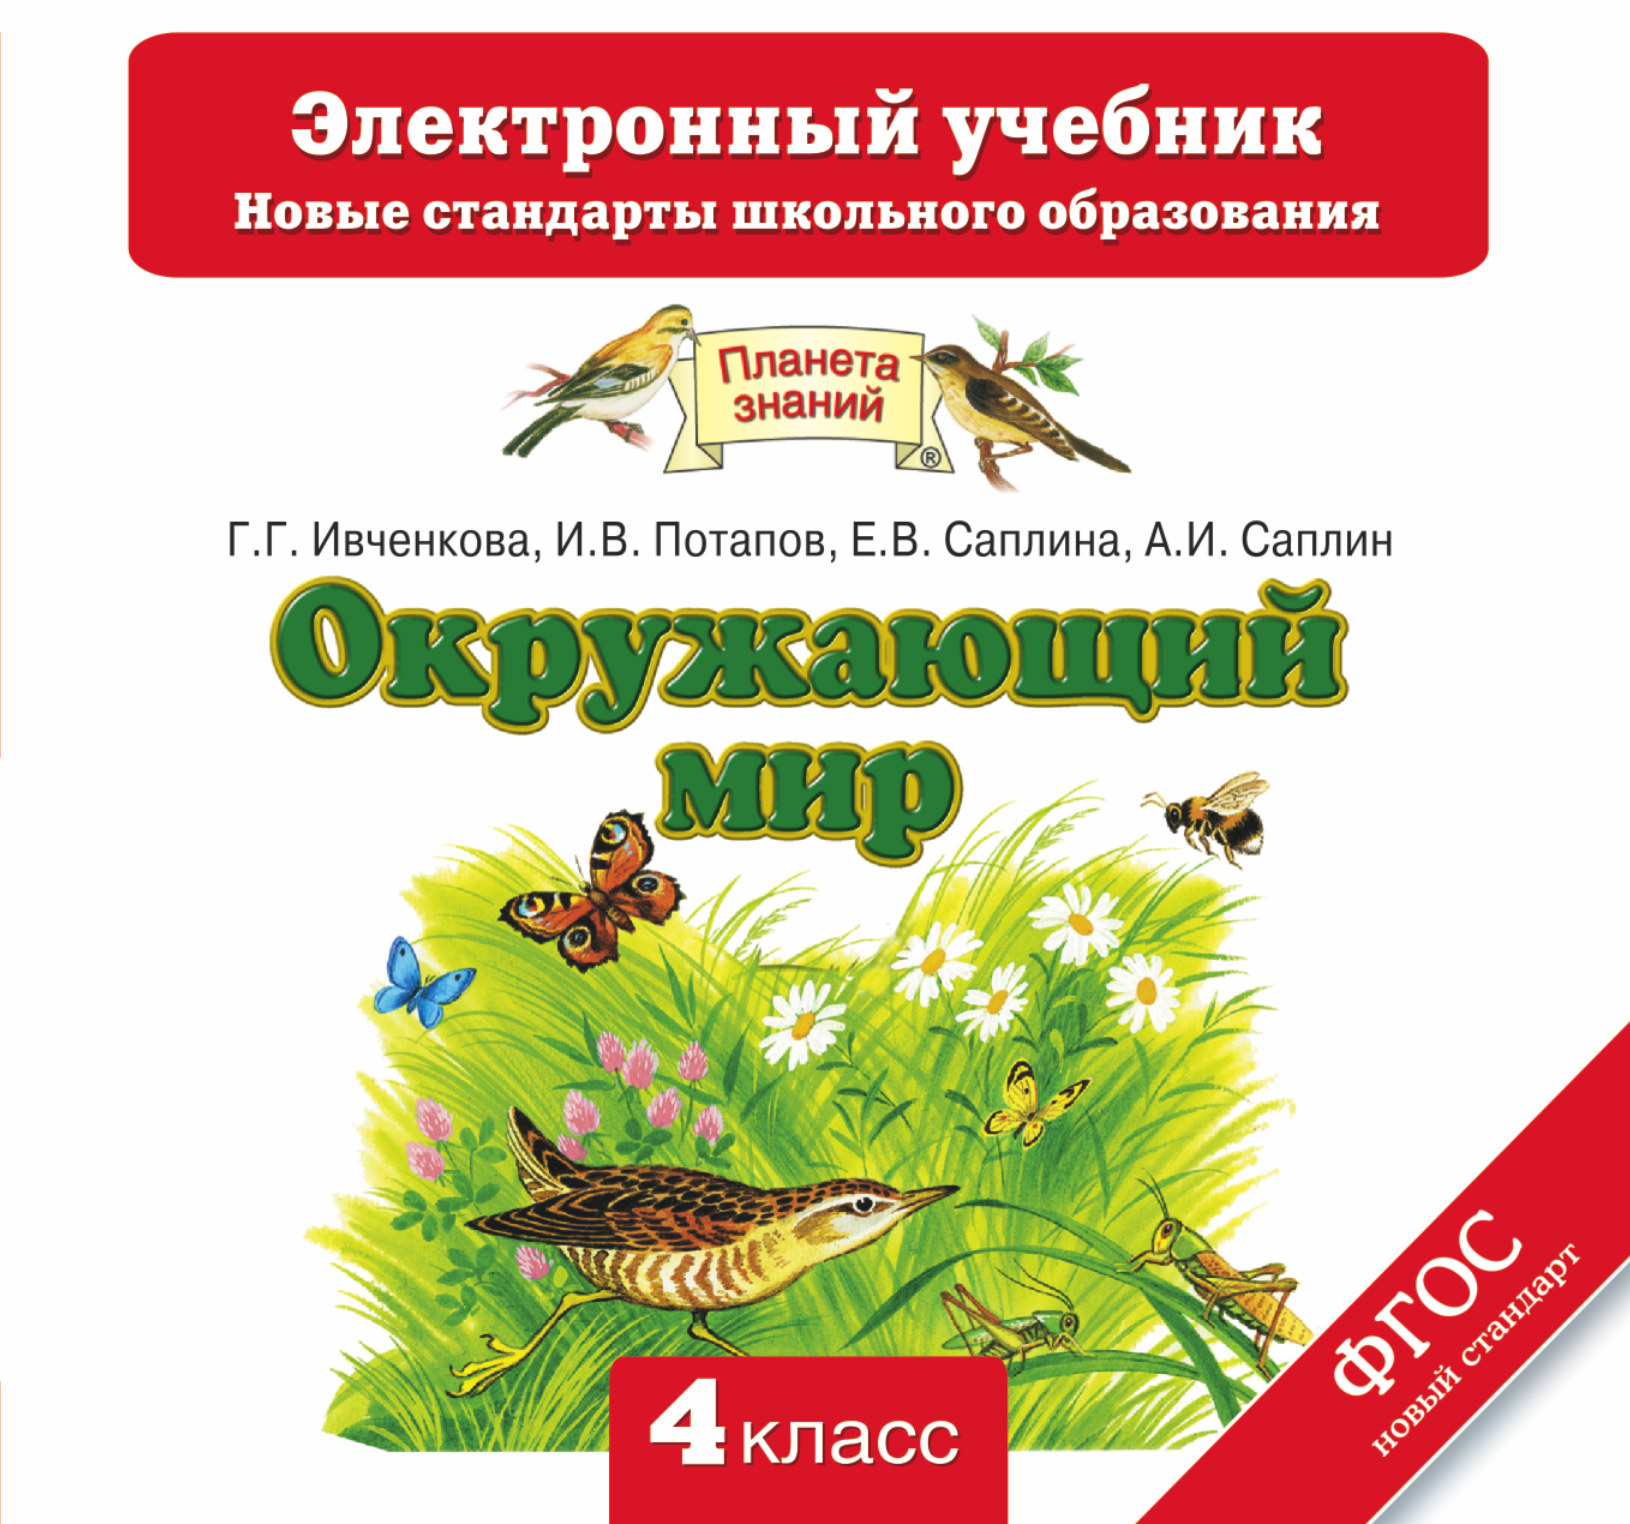 все цены на Ивченкова Г.Г., Потапов И.В., Саплин А.И. Саплина Е.В. Окружающий мир. 4 класс. Электронный учебник (CD) онлайн